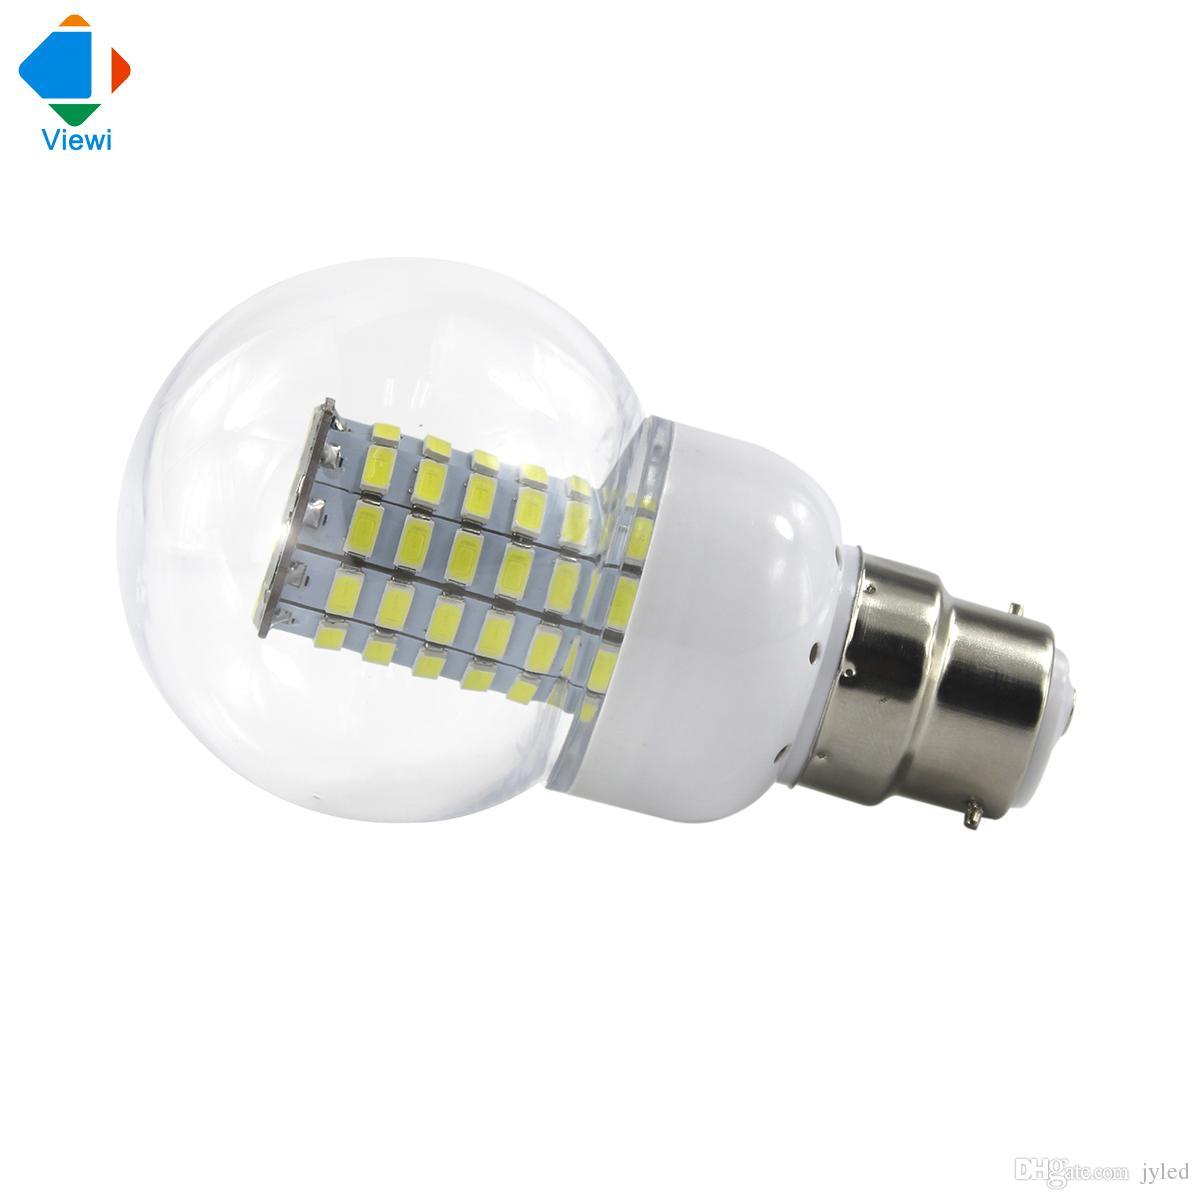 Acheter 5x 12v Ampoule Led B22 Lumiere De Mais 220v Smd5730 Ampoules